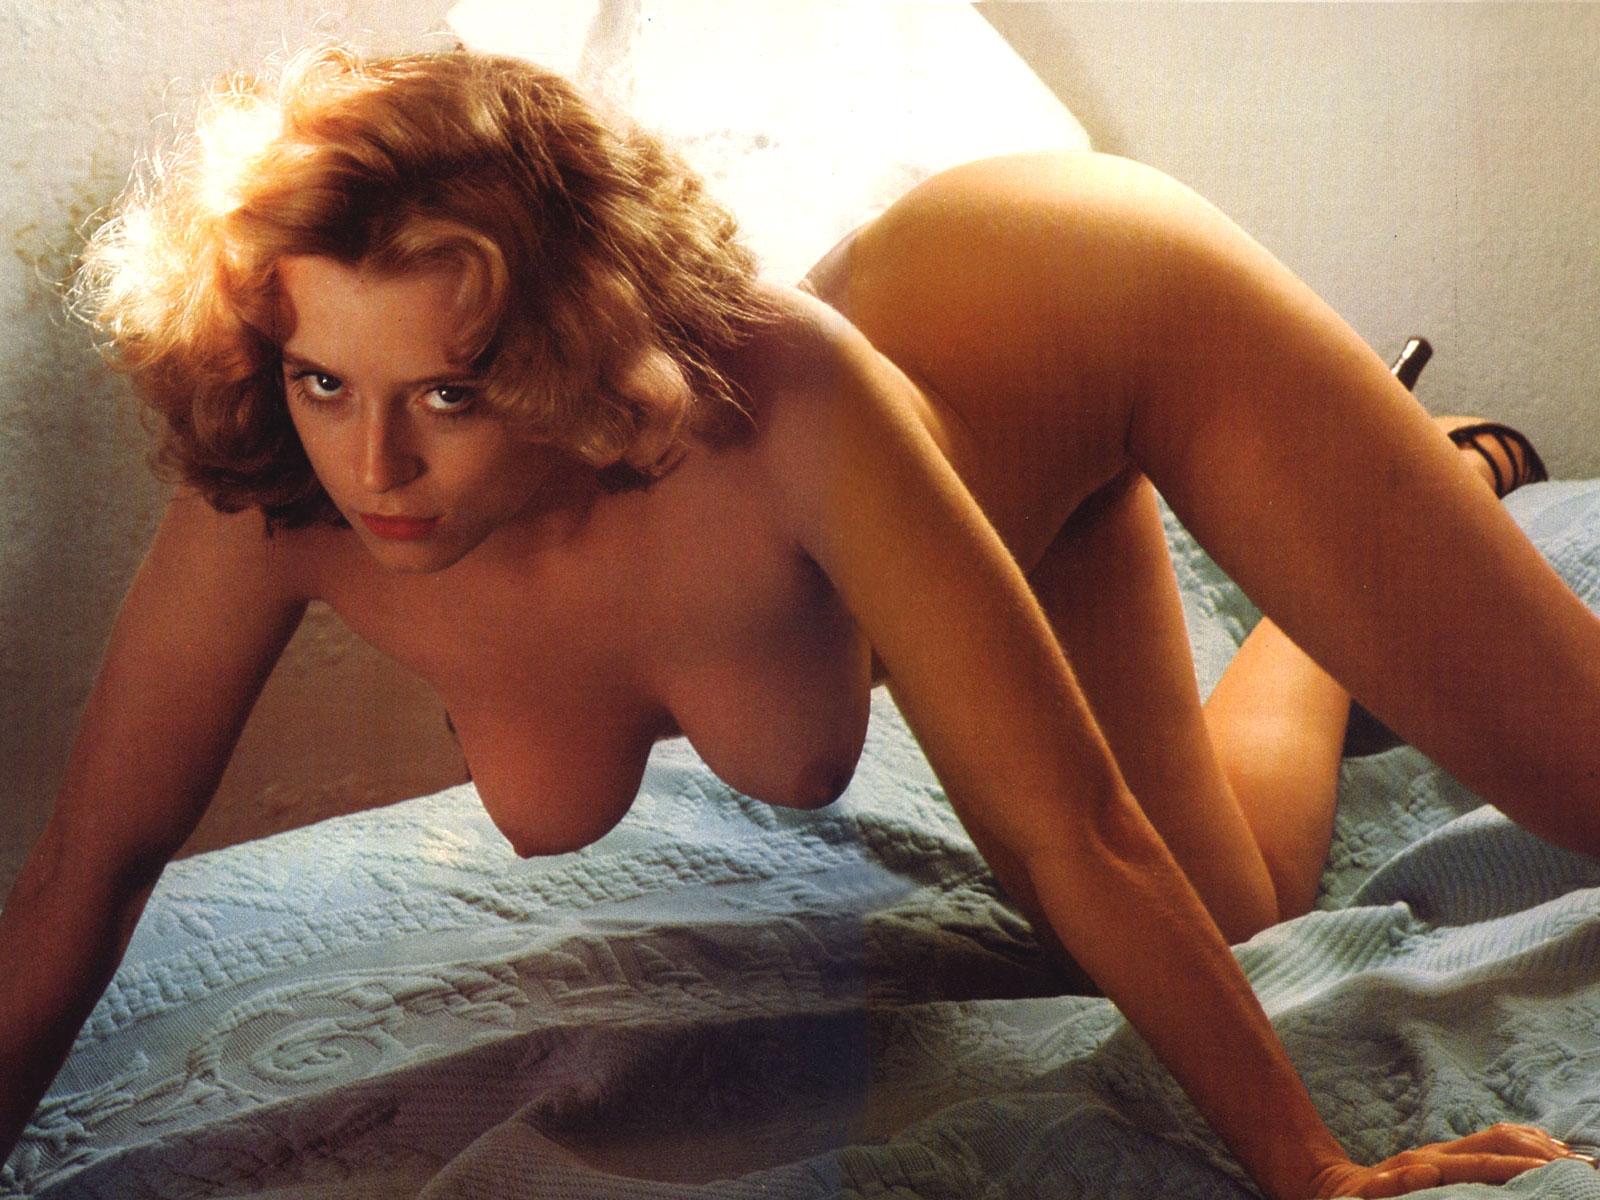 Шарлотт александра порно 9 фотография